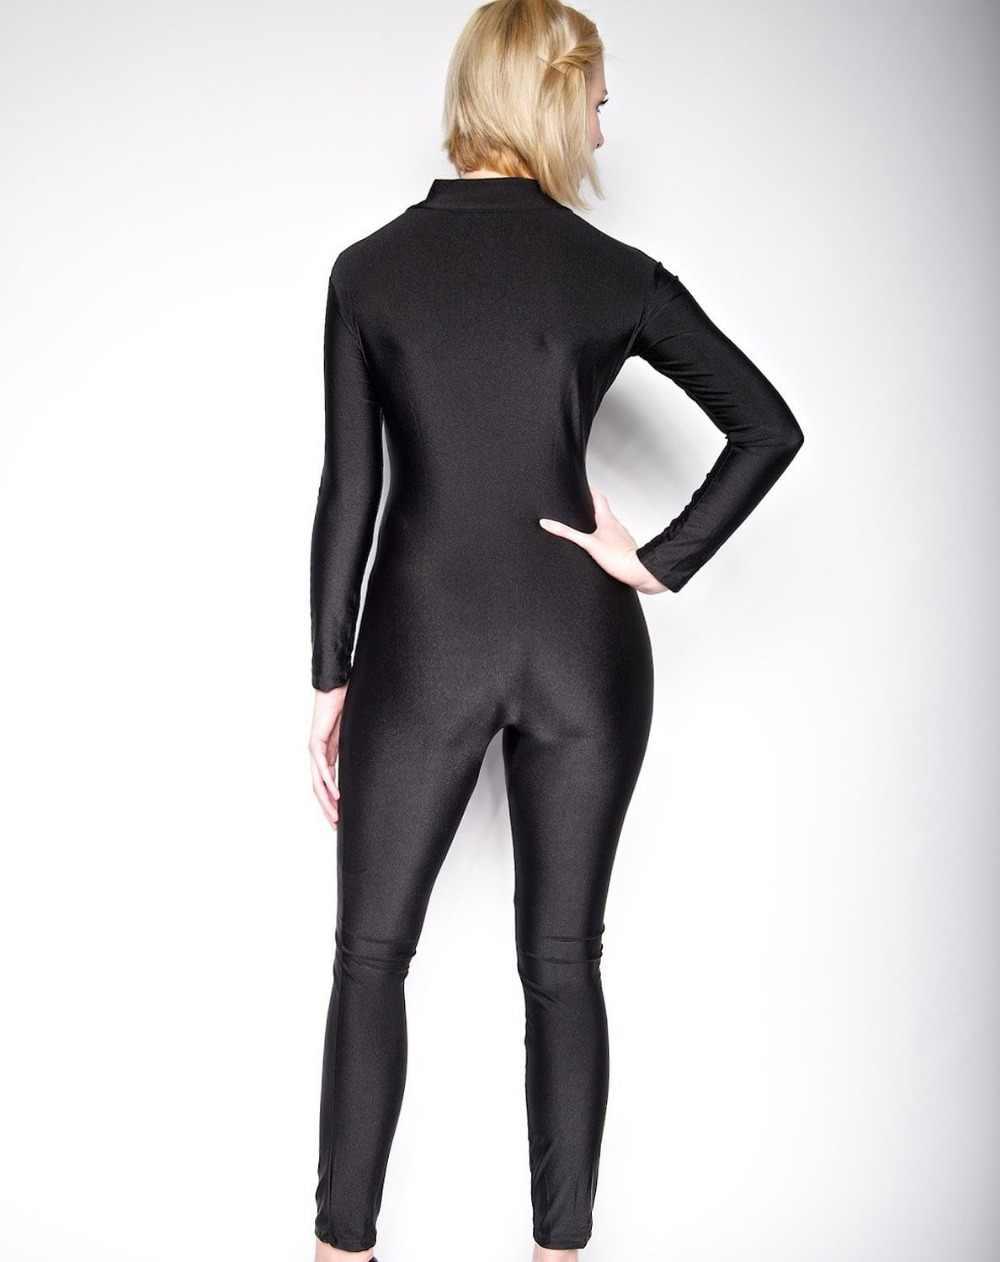 Speerise adulto Lycra Spandex Unitard Bodysuit cuerpo completo de manga larga para mujer Ropa de baile de una pieza cuello alto Zentai para mujer